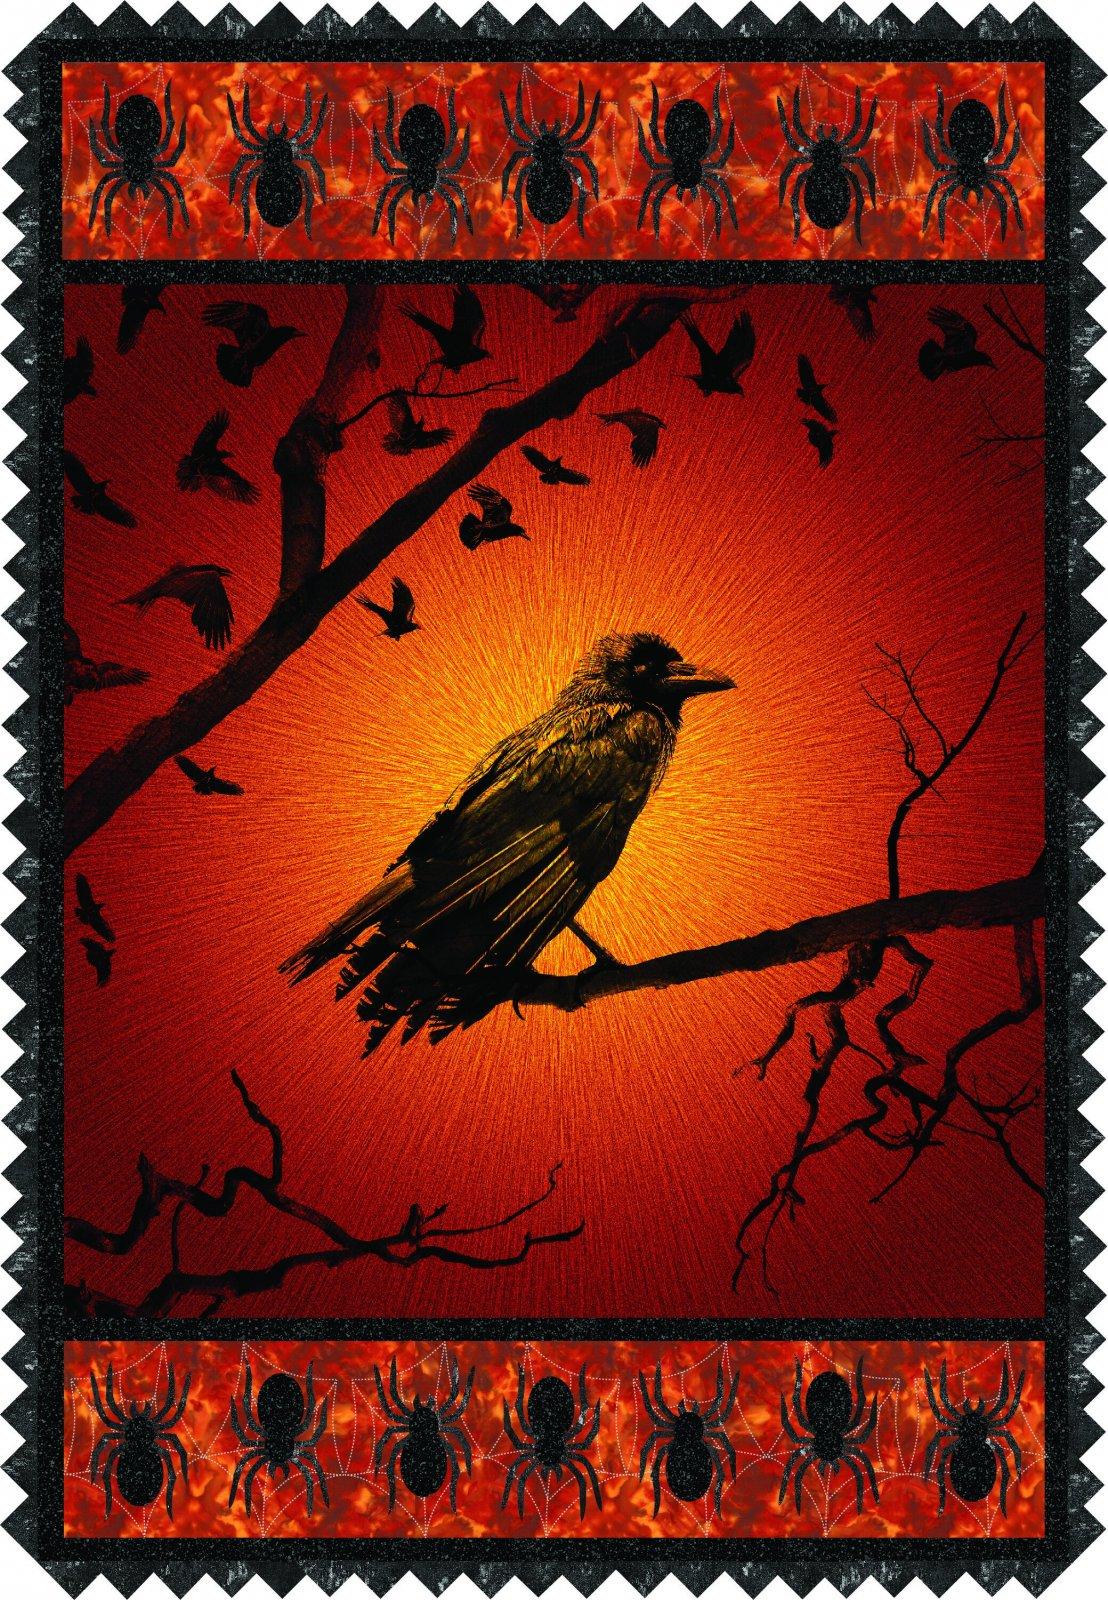 Raven's Lair Quilt Kit